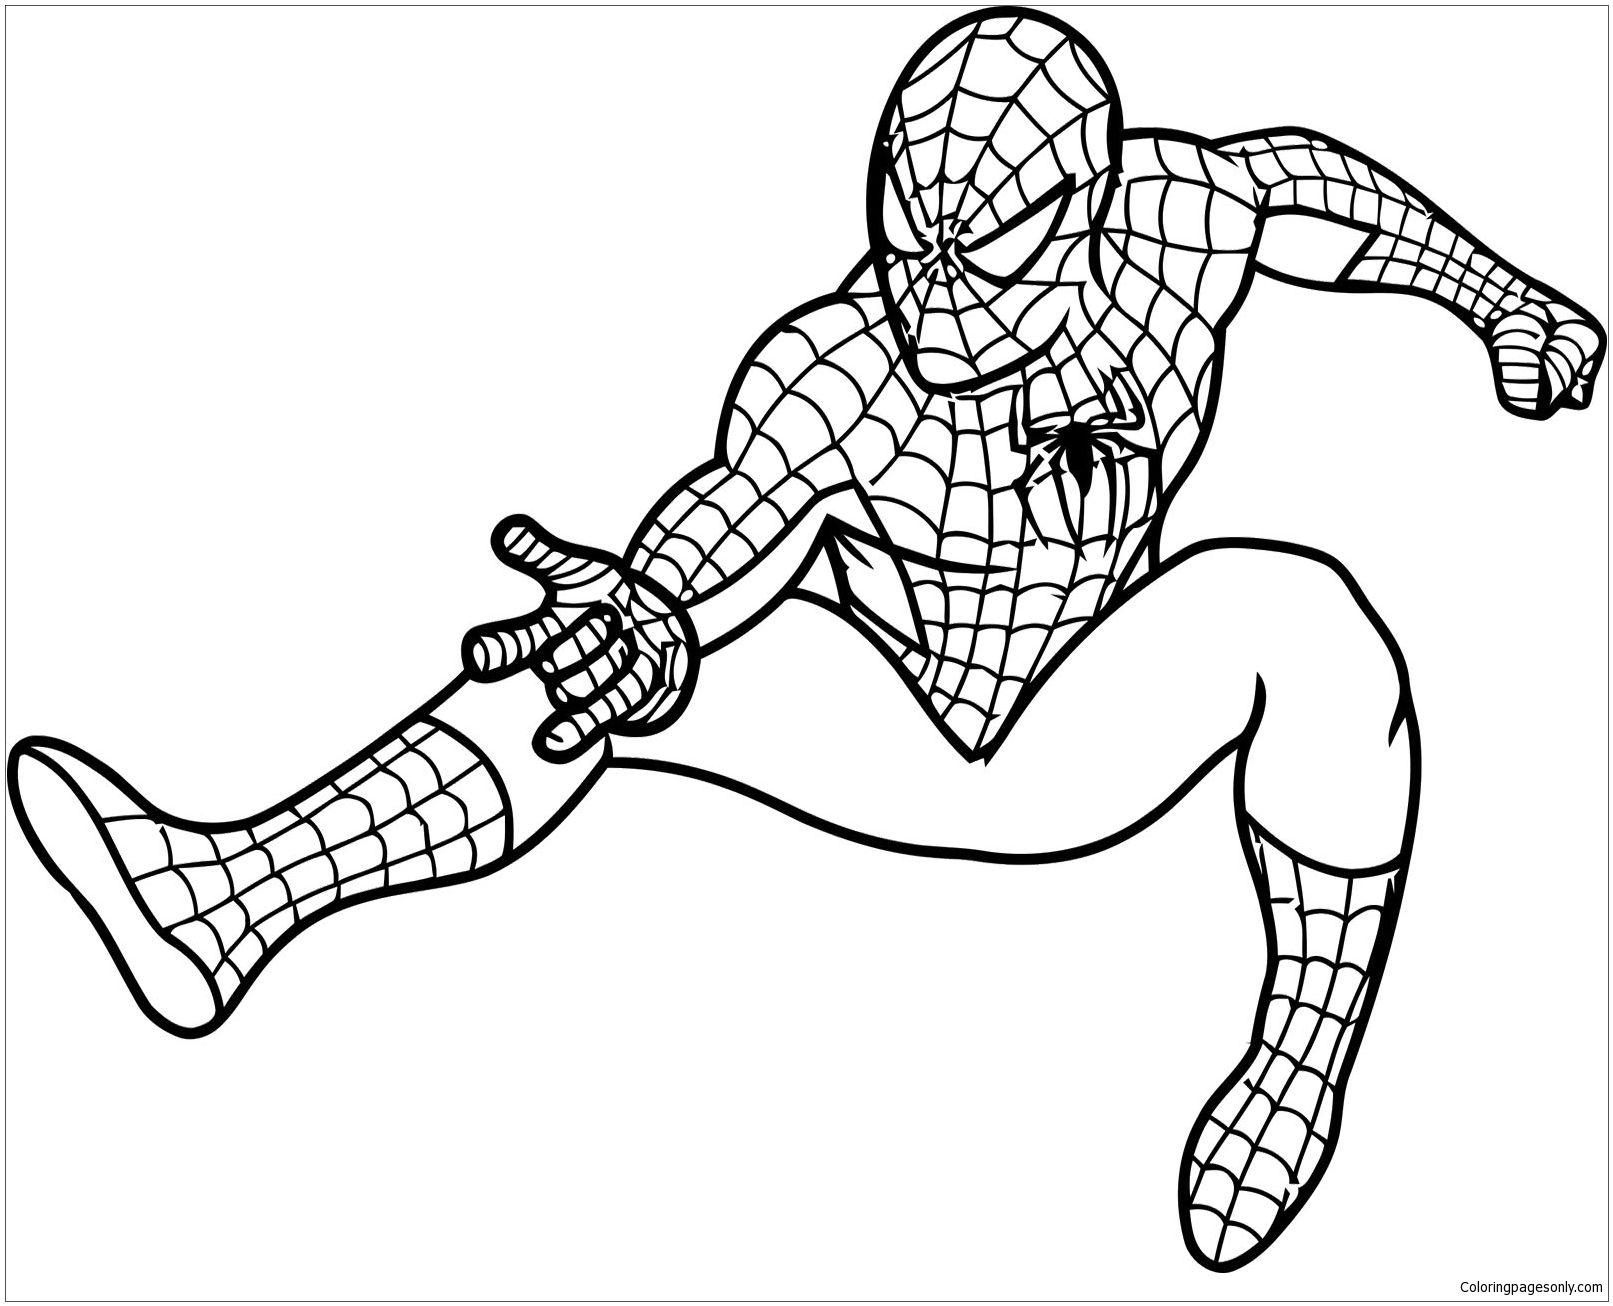 Epic Spider Man Coloring Page Paginas Para Colorir Paginas Para